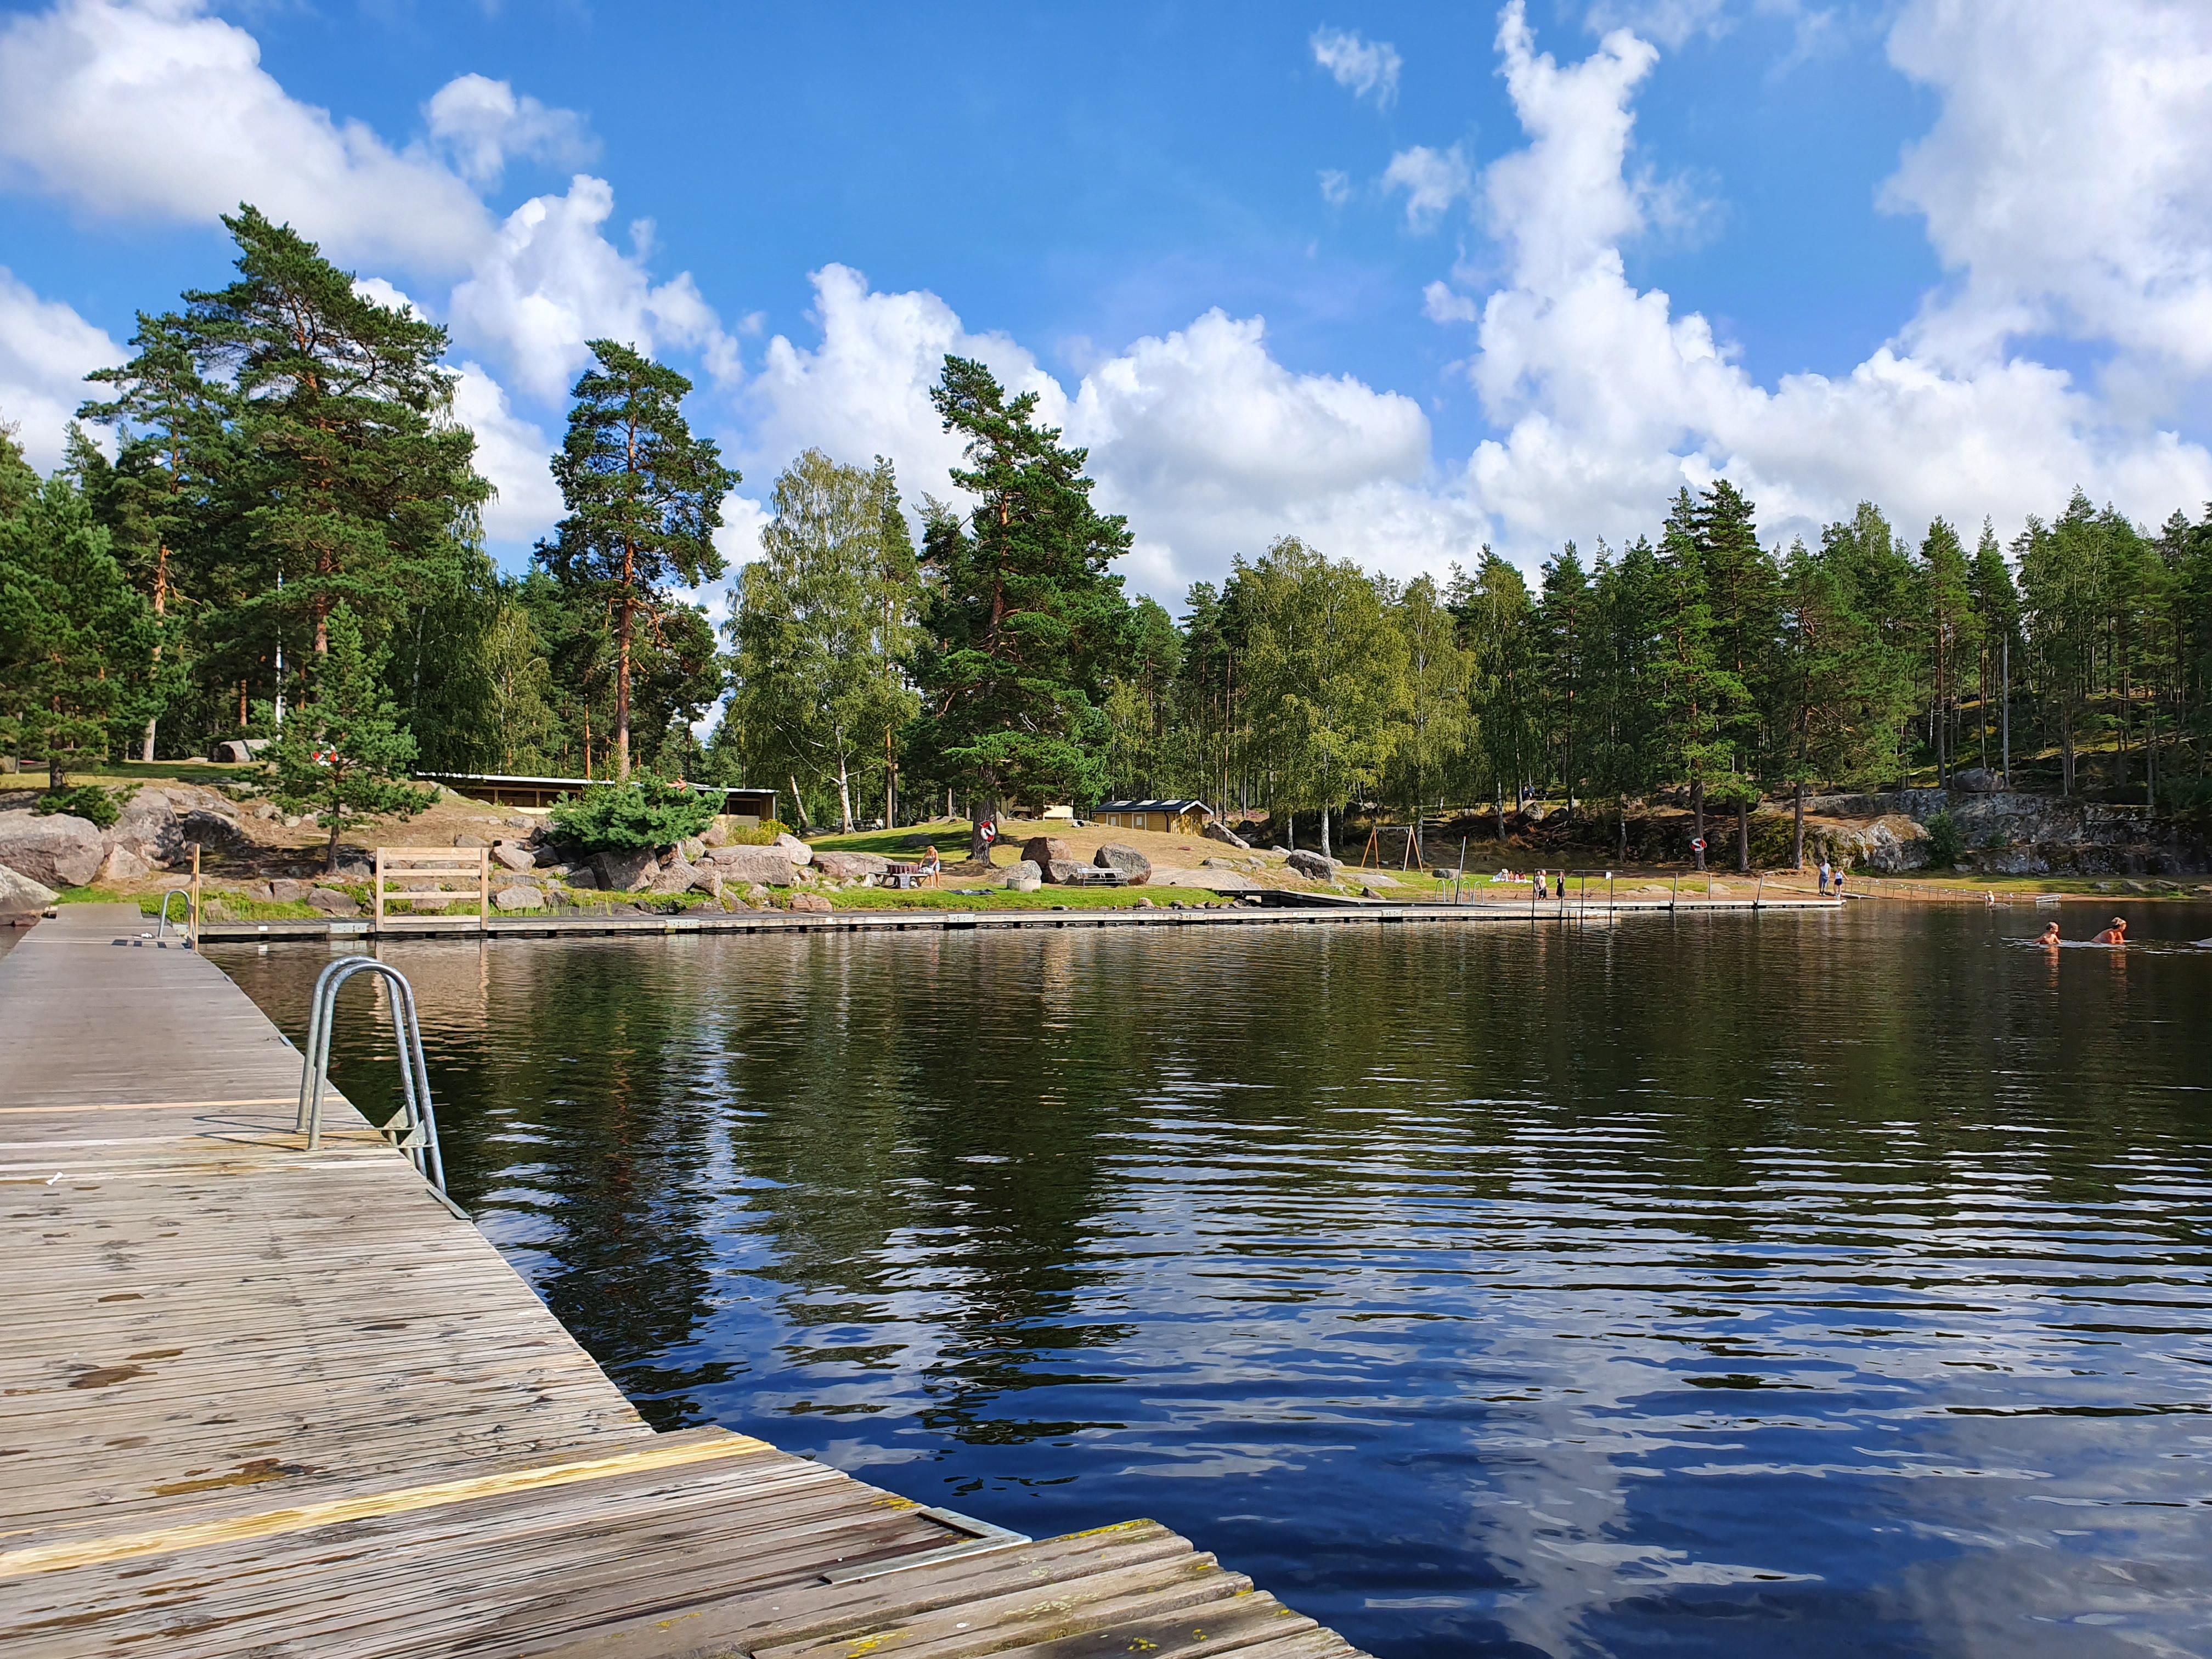 Hesjöns badplats